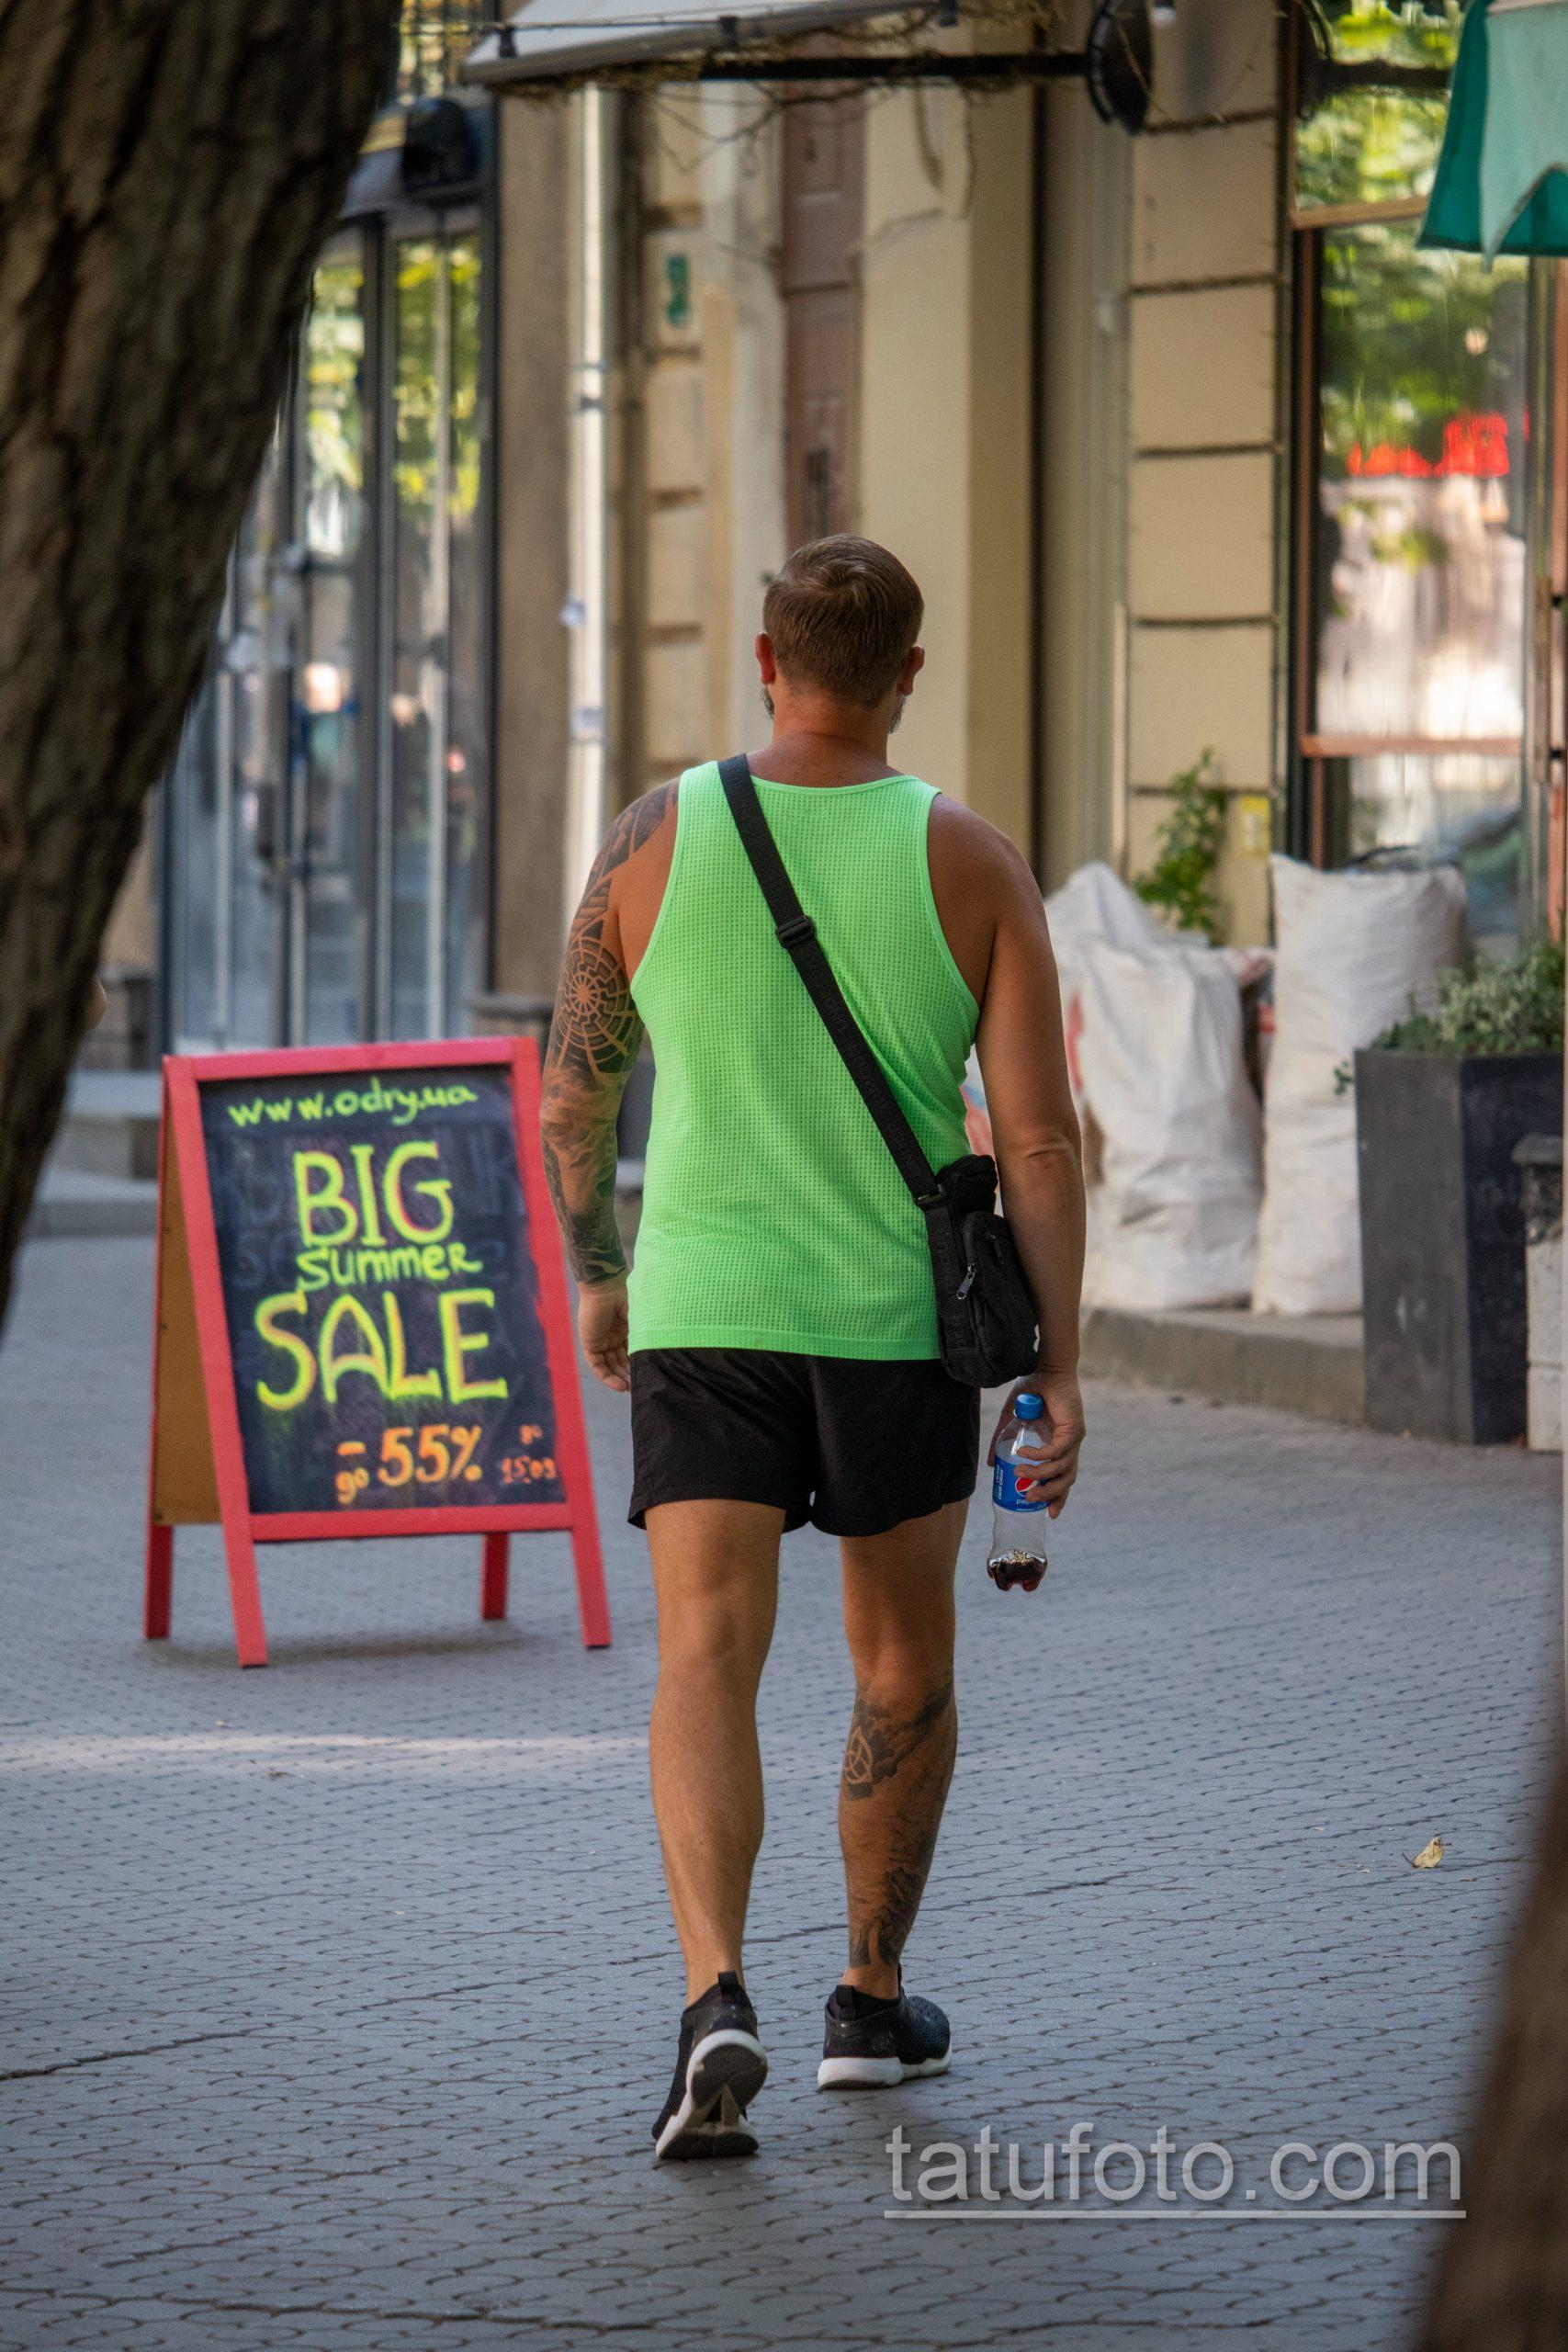 Славянские татуировки на левой руке и правой ноге мужчины - Уличная татуировка 14.09.2020 – tatufoto.com 7